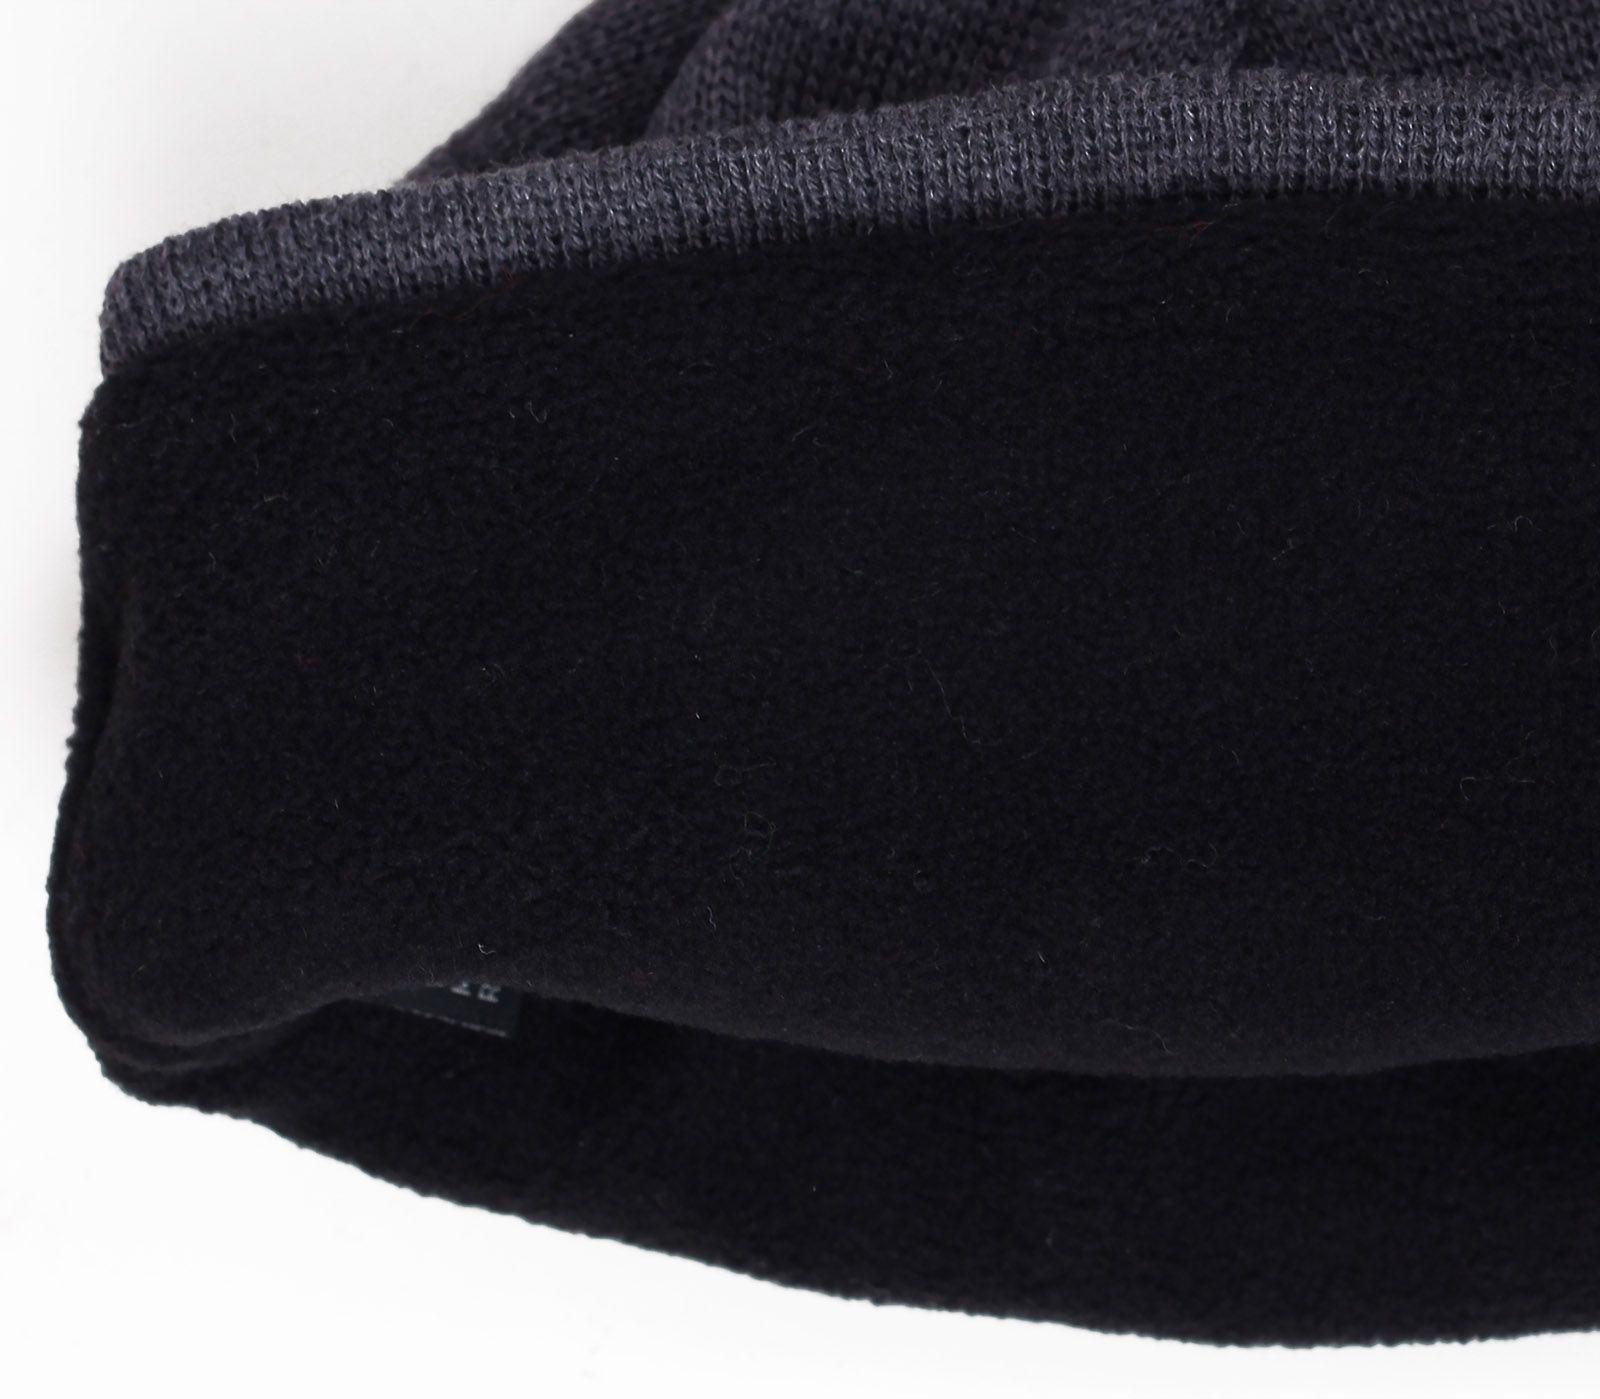 Мужская шапка на флисе для зимних холодов